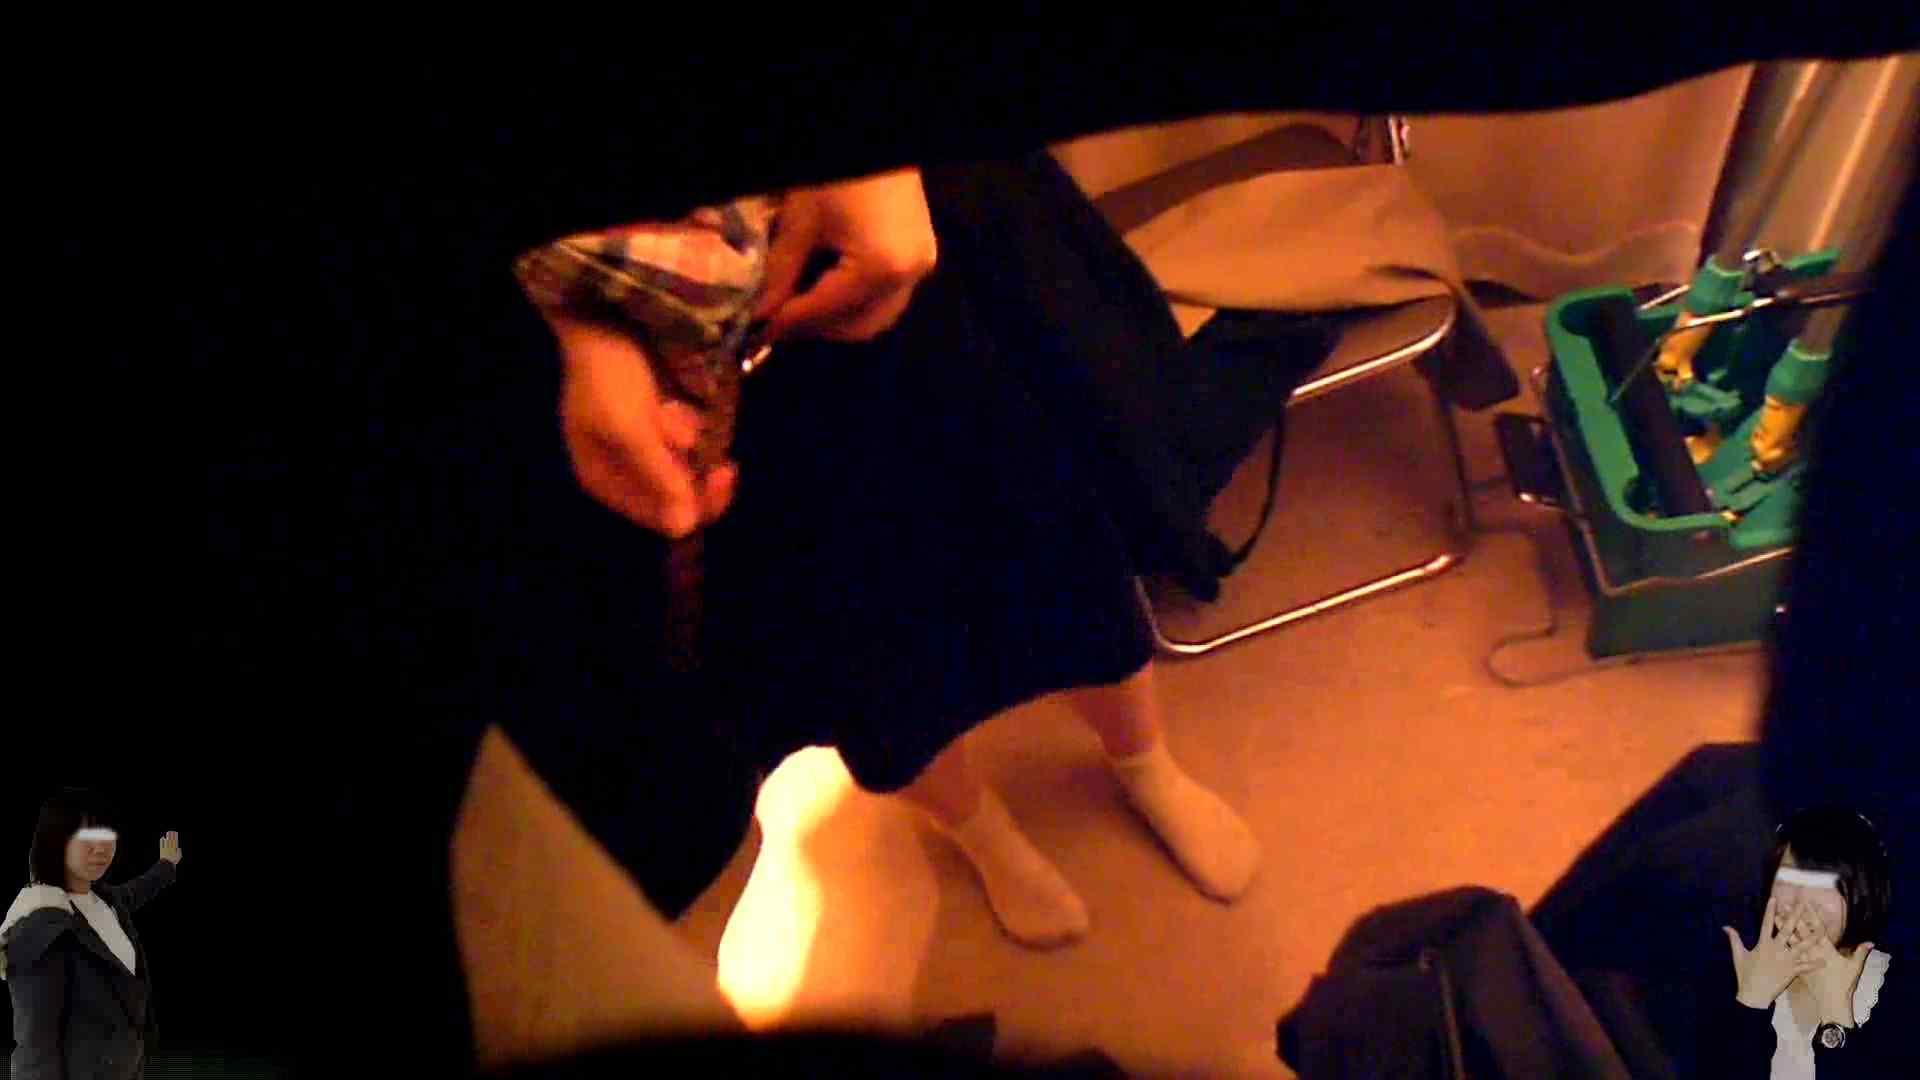 素人投稿 現役「JD」Eちゃんの着替え Vol.04 着替え おまんこ動画流出 107pic 75